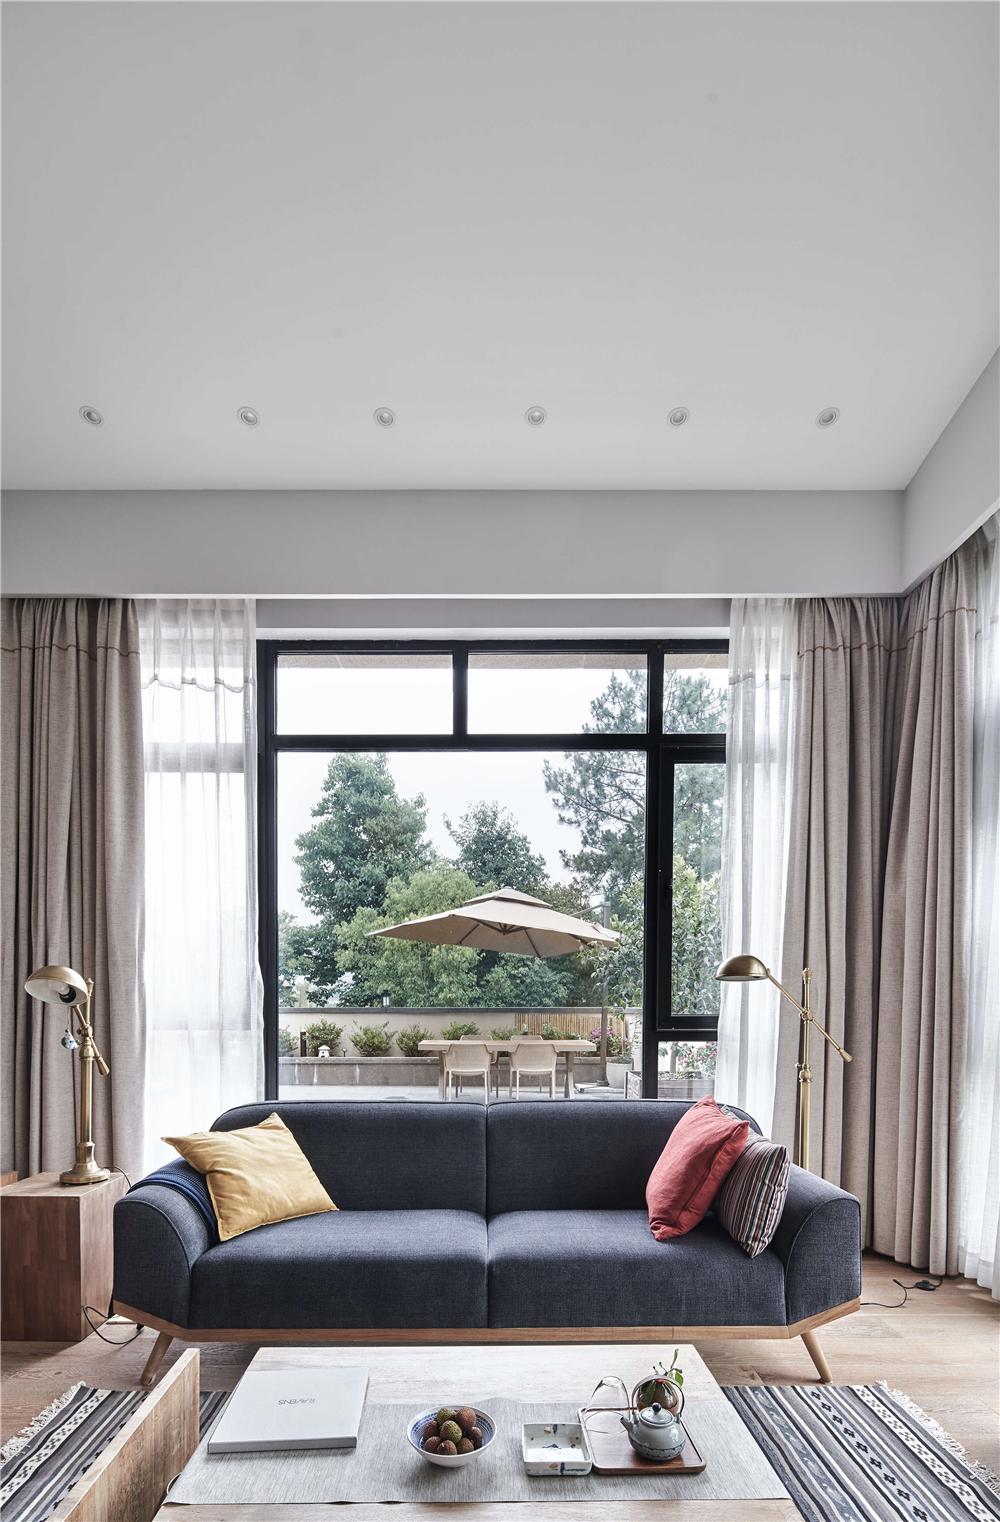 日式风格别墅装修沙发设计图